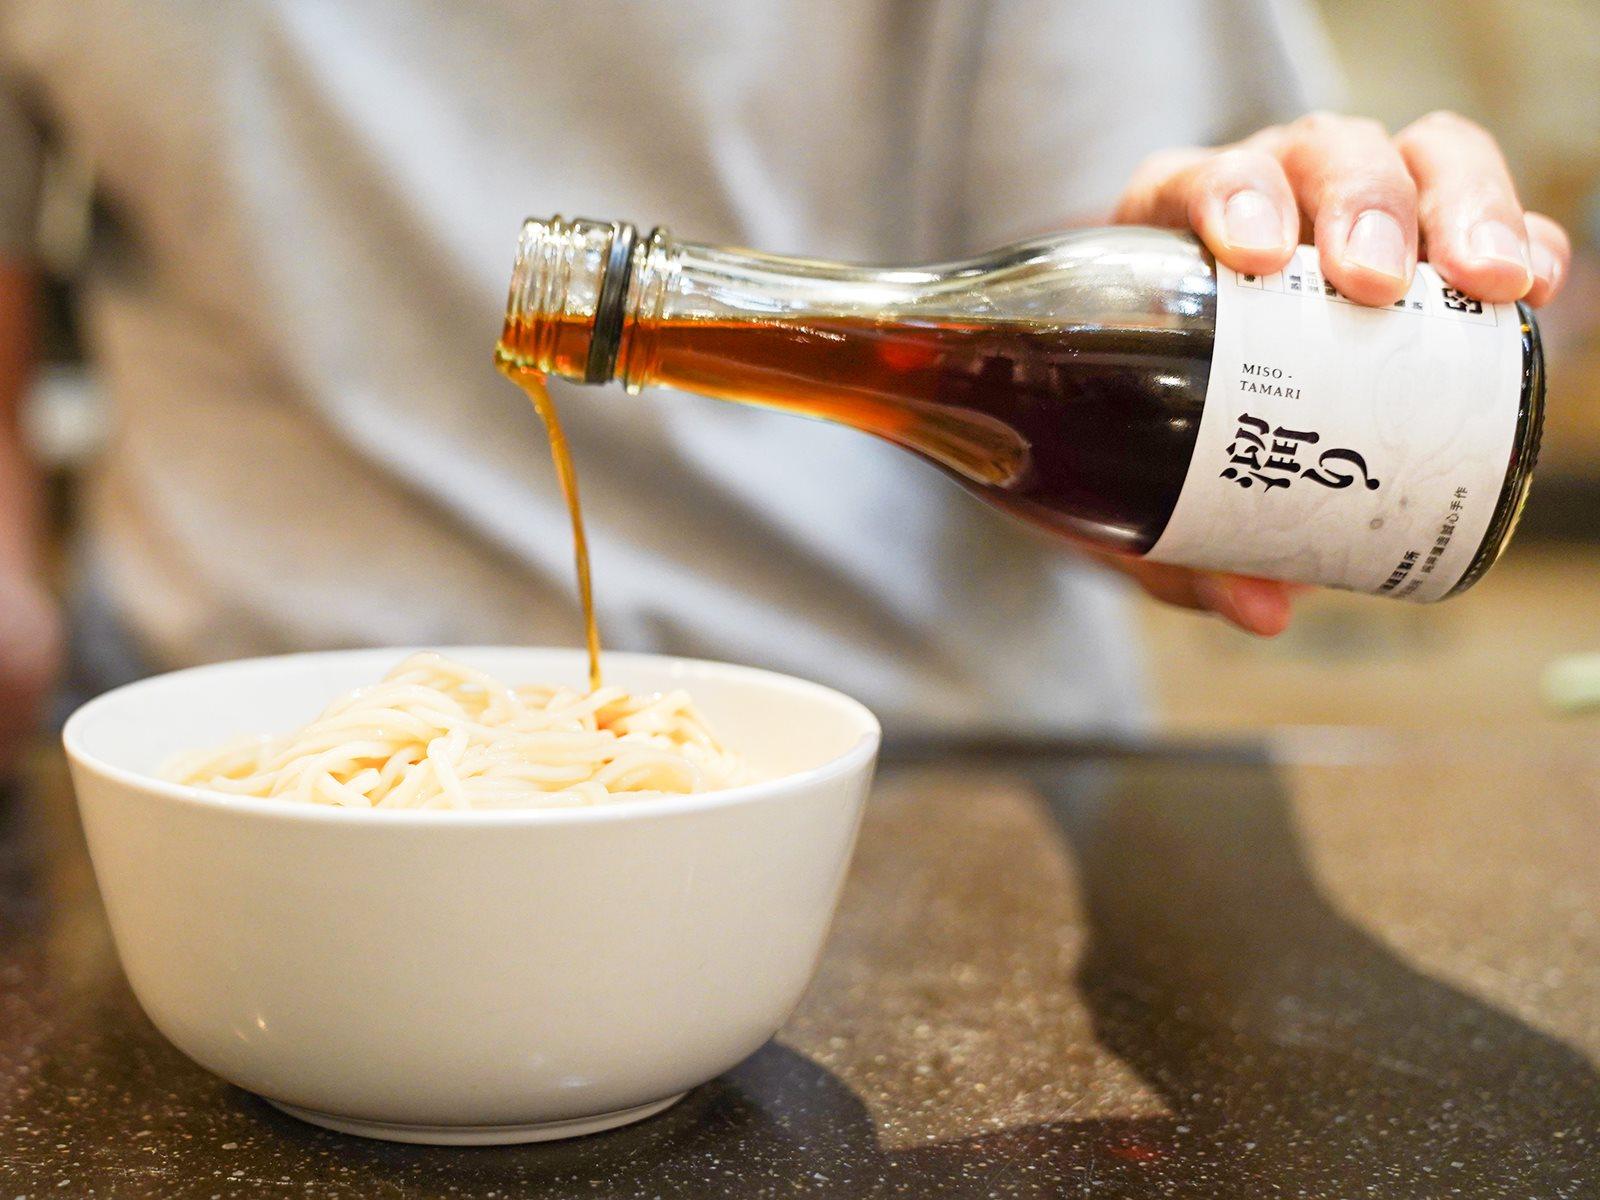 乾拌麵醬要搭配甚麼醬油?禾乃川味噌溜醬油完美比例告訴你